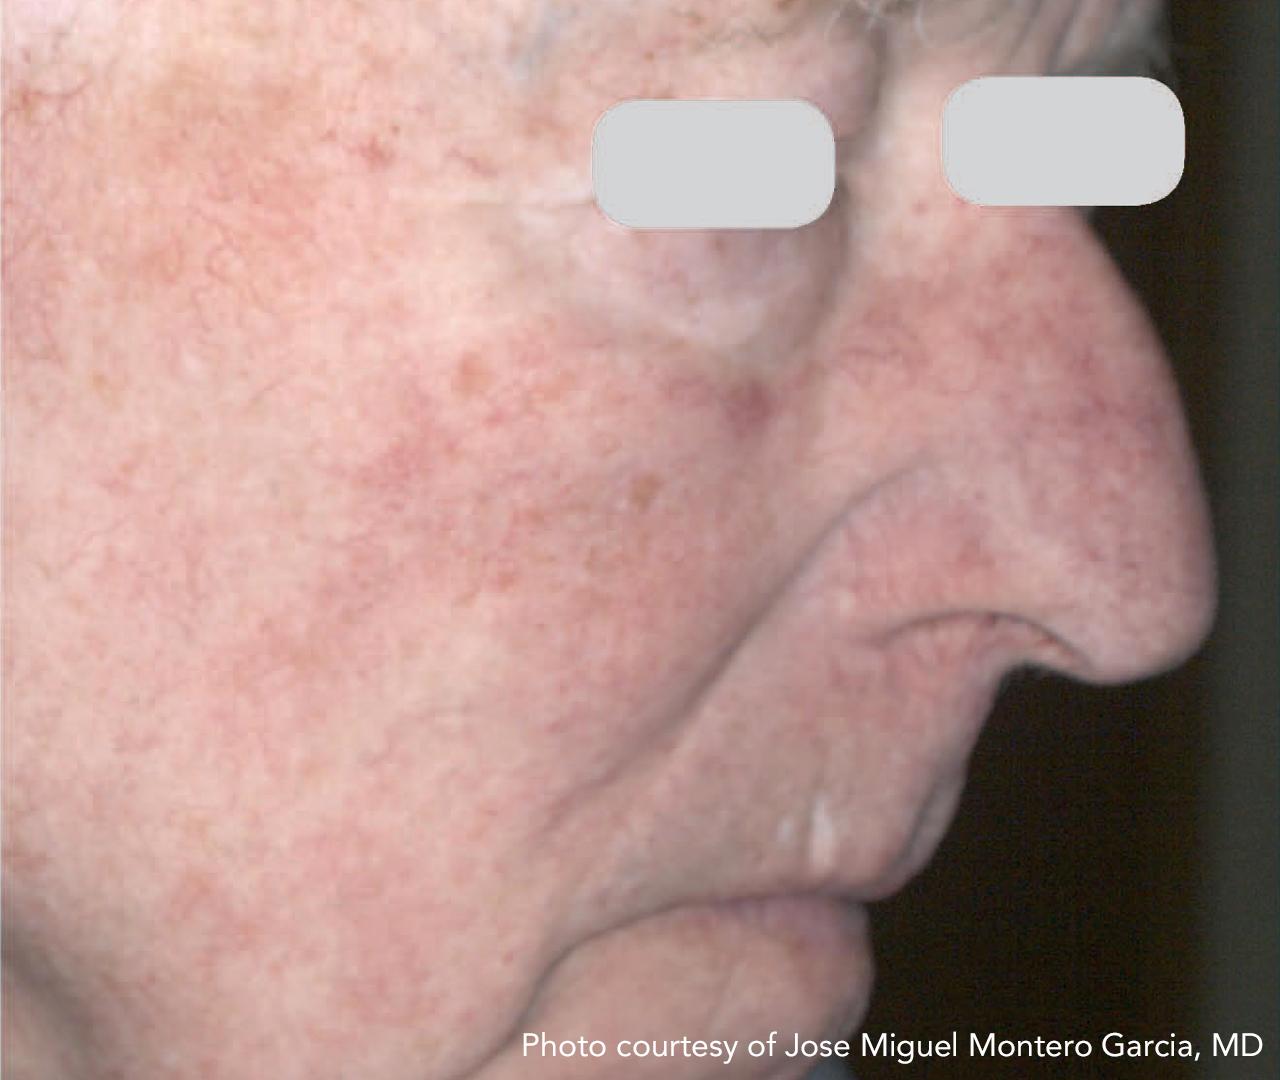 Vascular Lasers for Redness & Veins